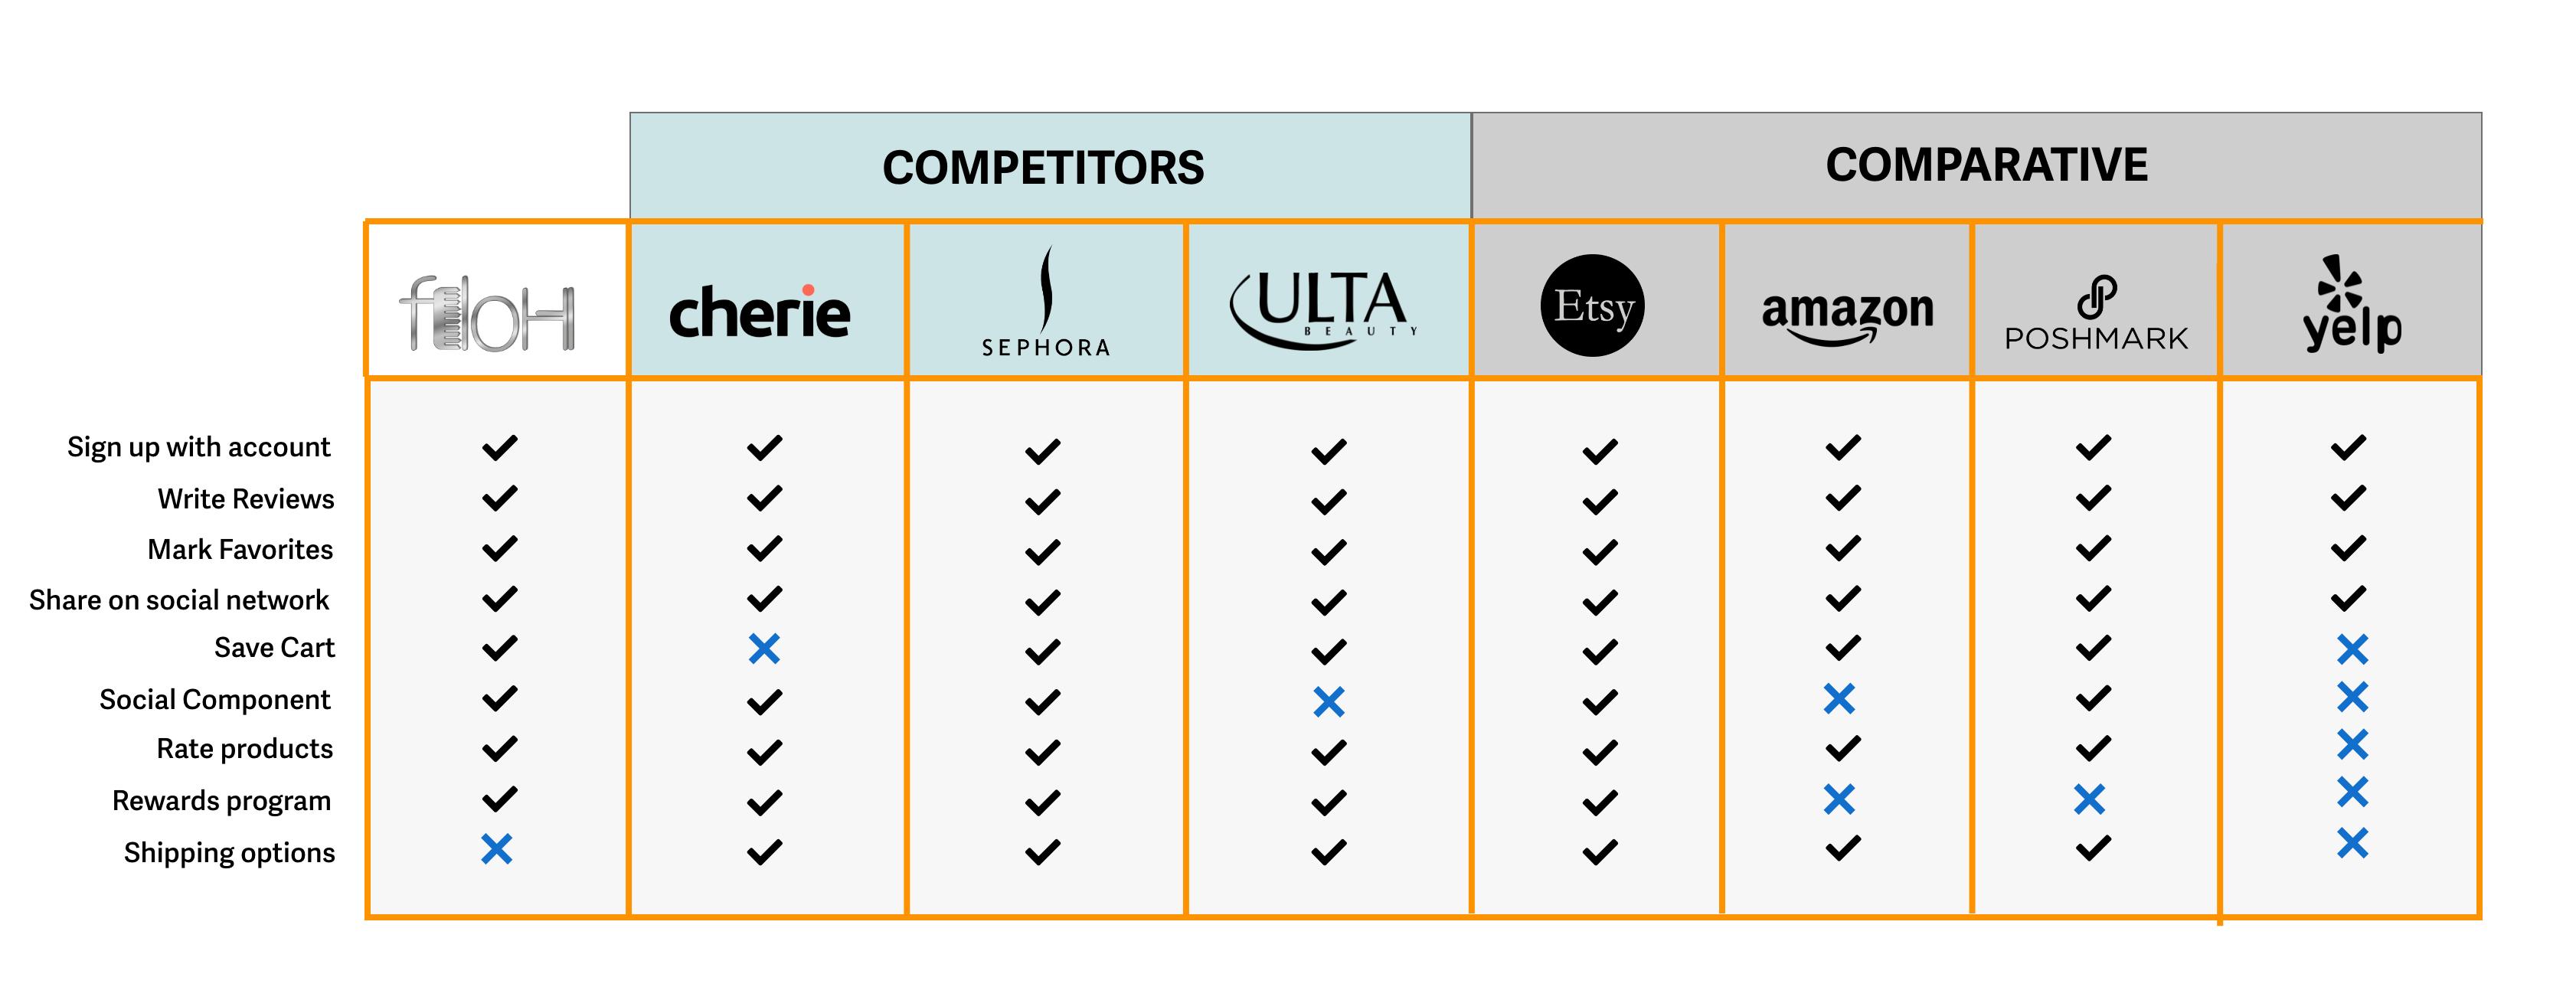 competative-comparative@2x